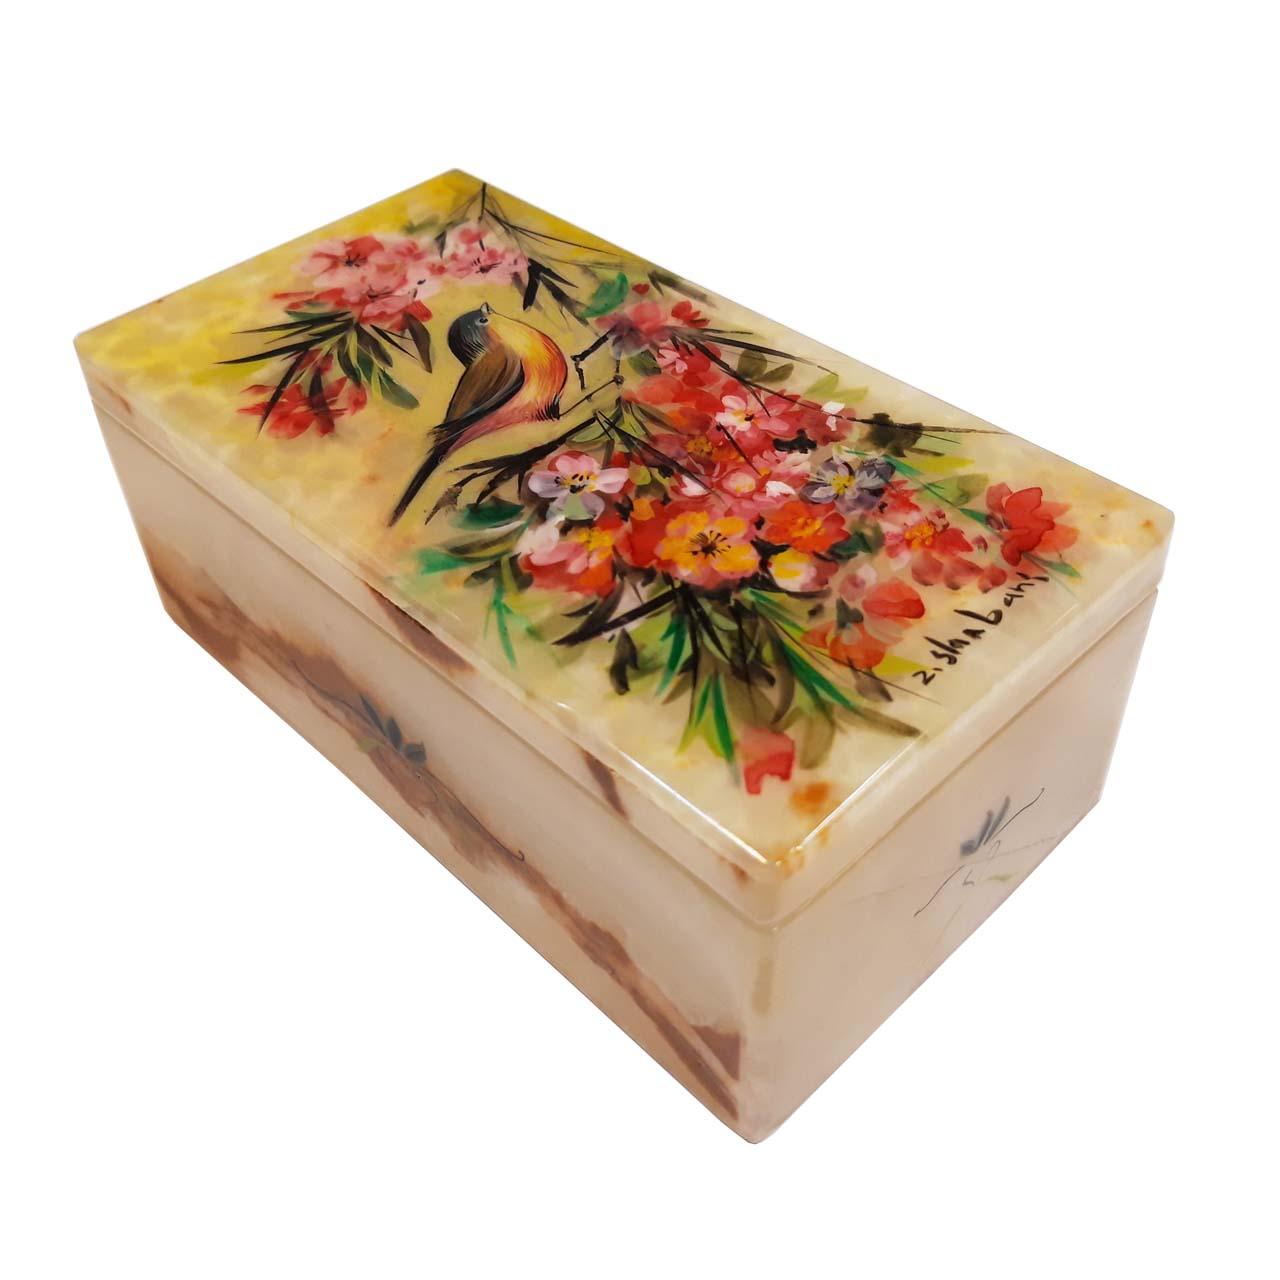 جعبه سنگ مرمر طرح گل و مرغ مدل 30158-2